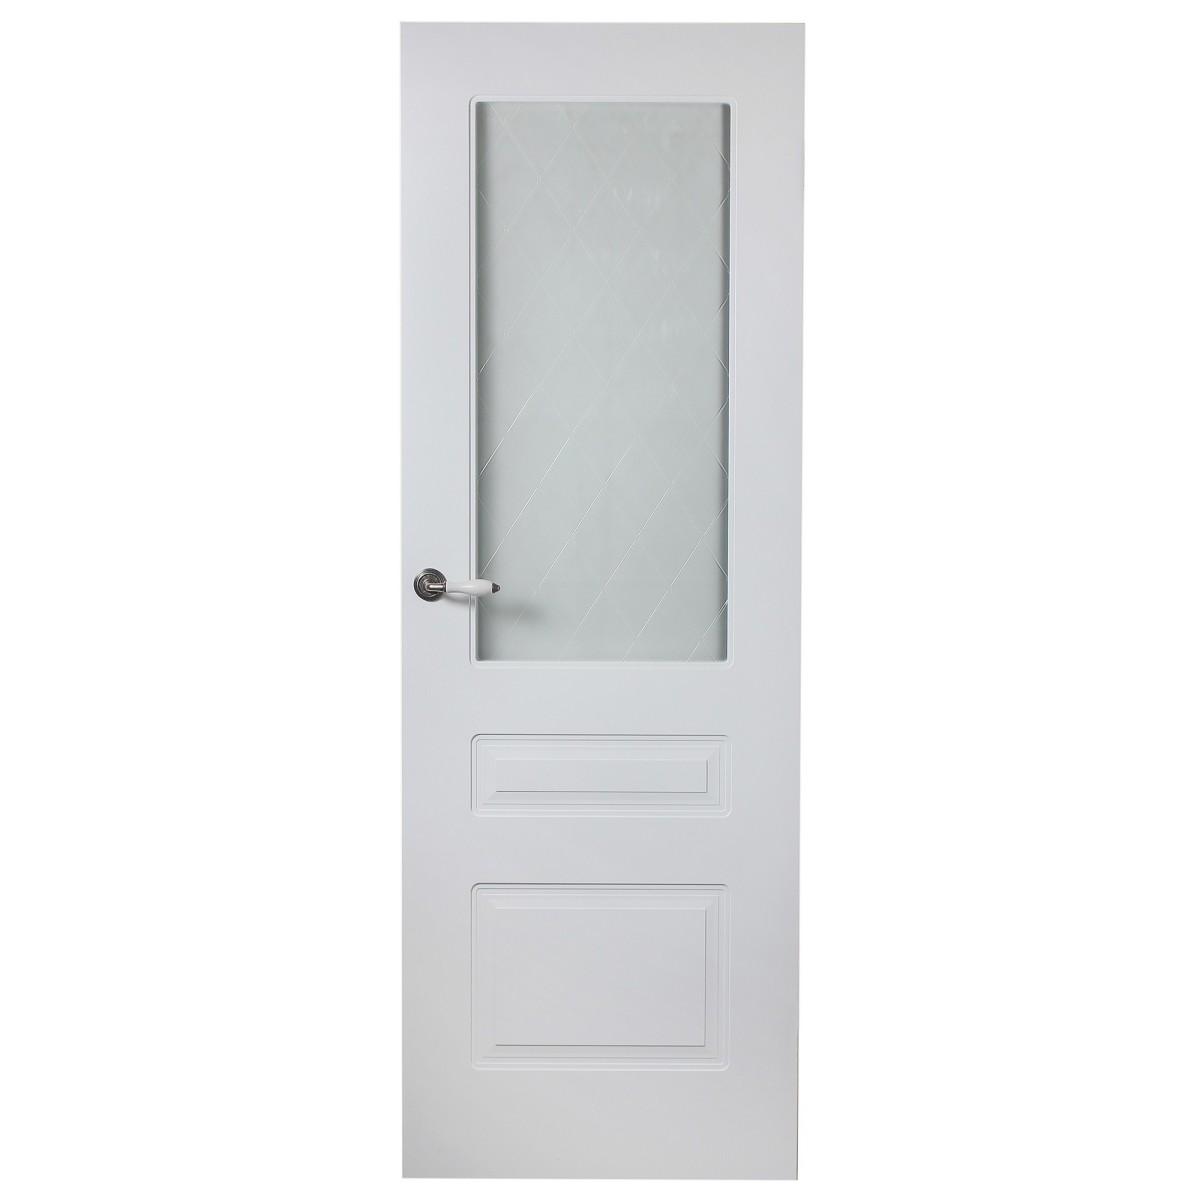 Дверь Межкомнатная Остеклённая Роялти 70x200 Цвет Белый